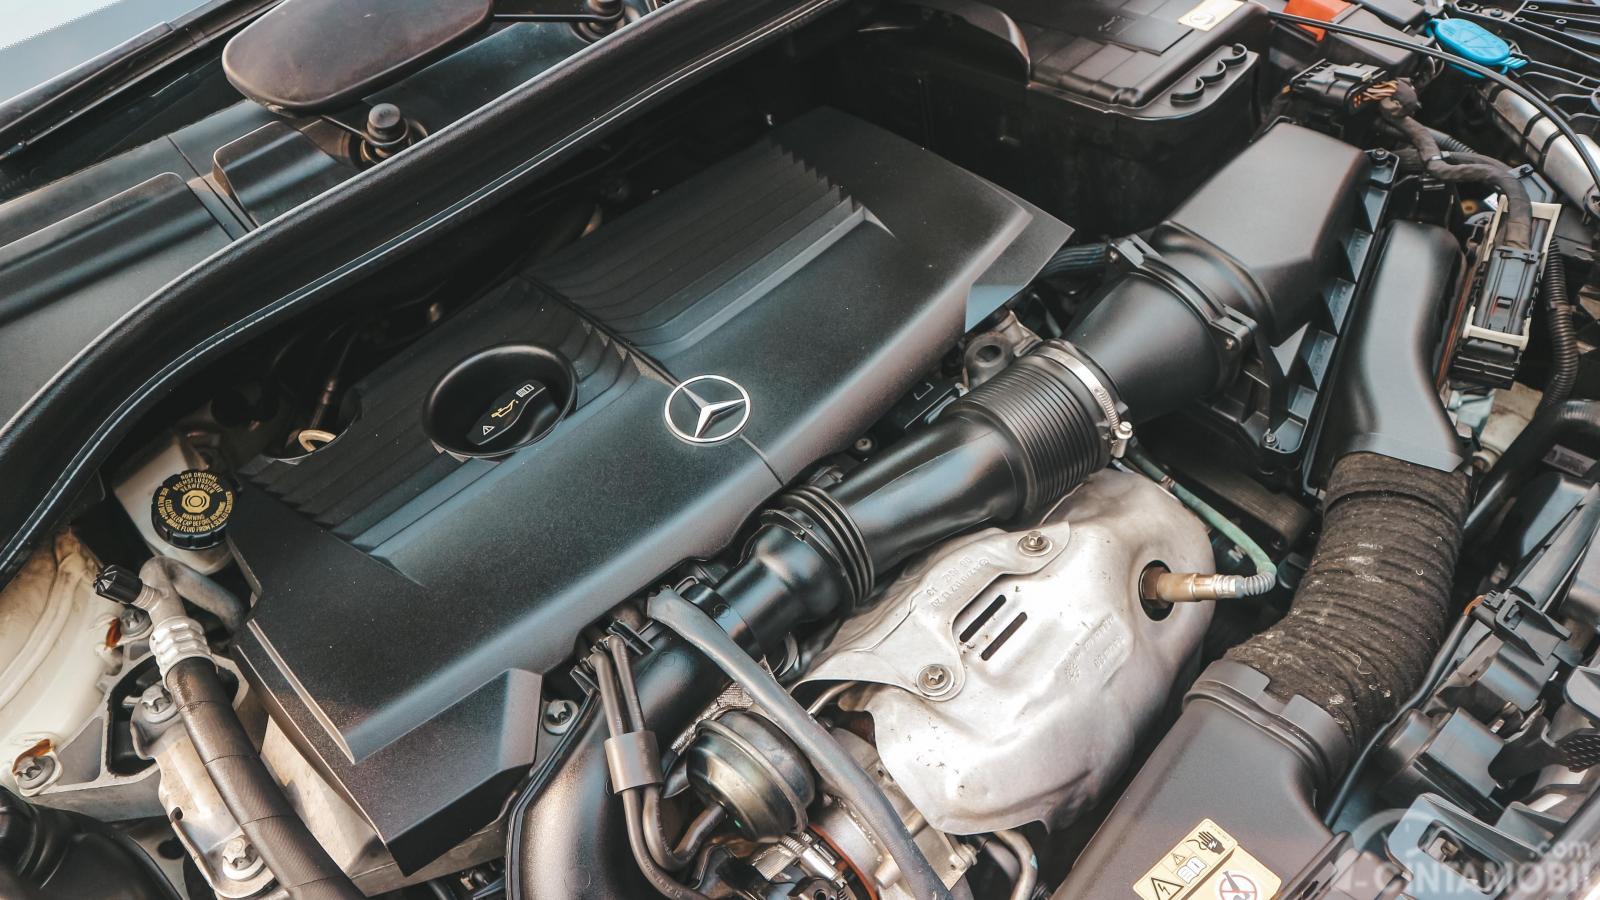 Gambar menunjukkan bagian mesin mobil Mercedes-Benz B 200 Urban 2013